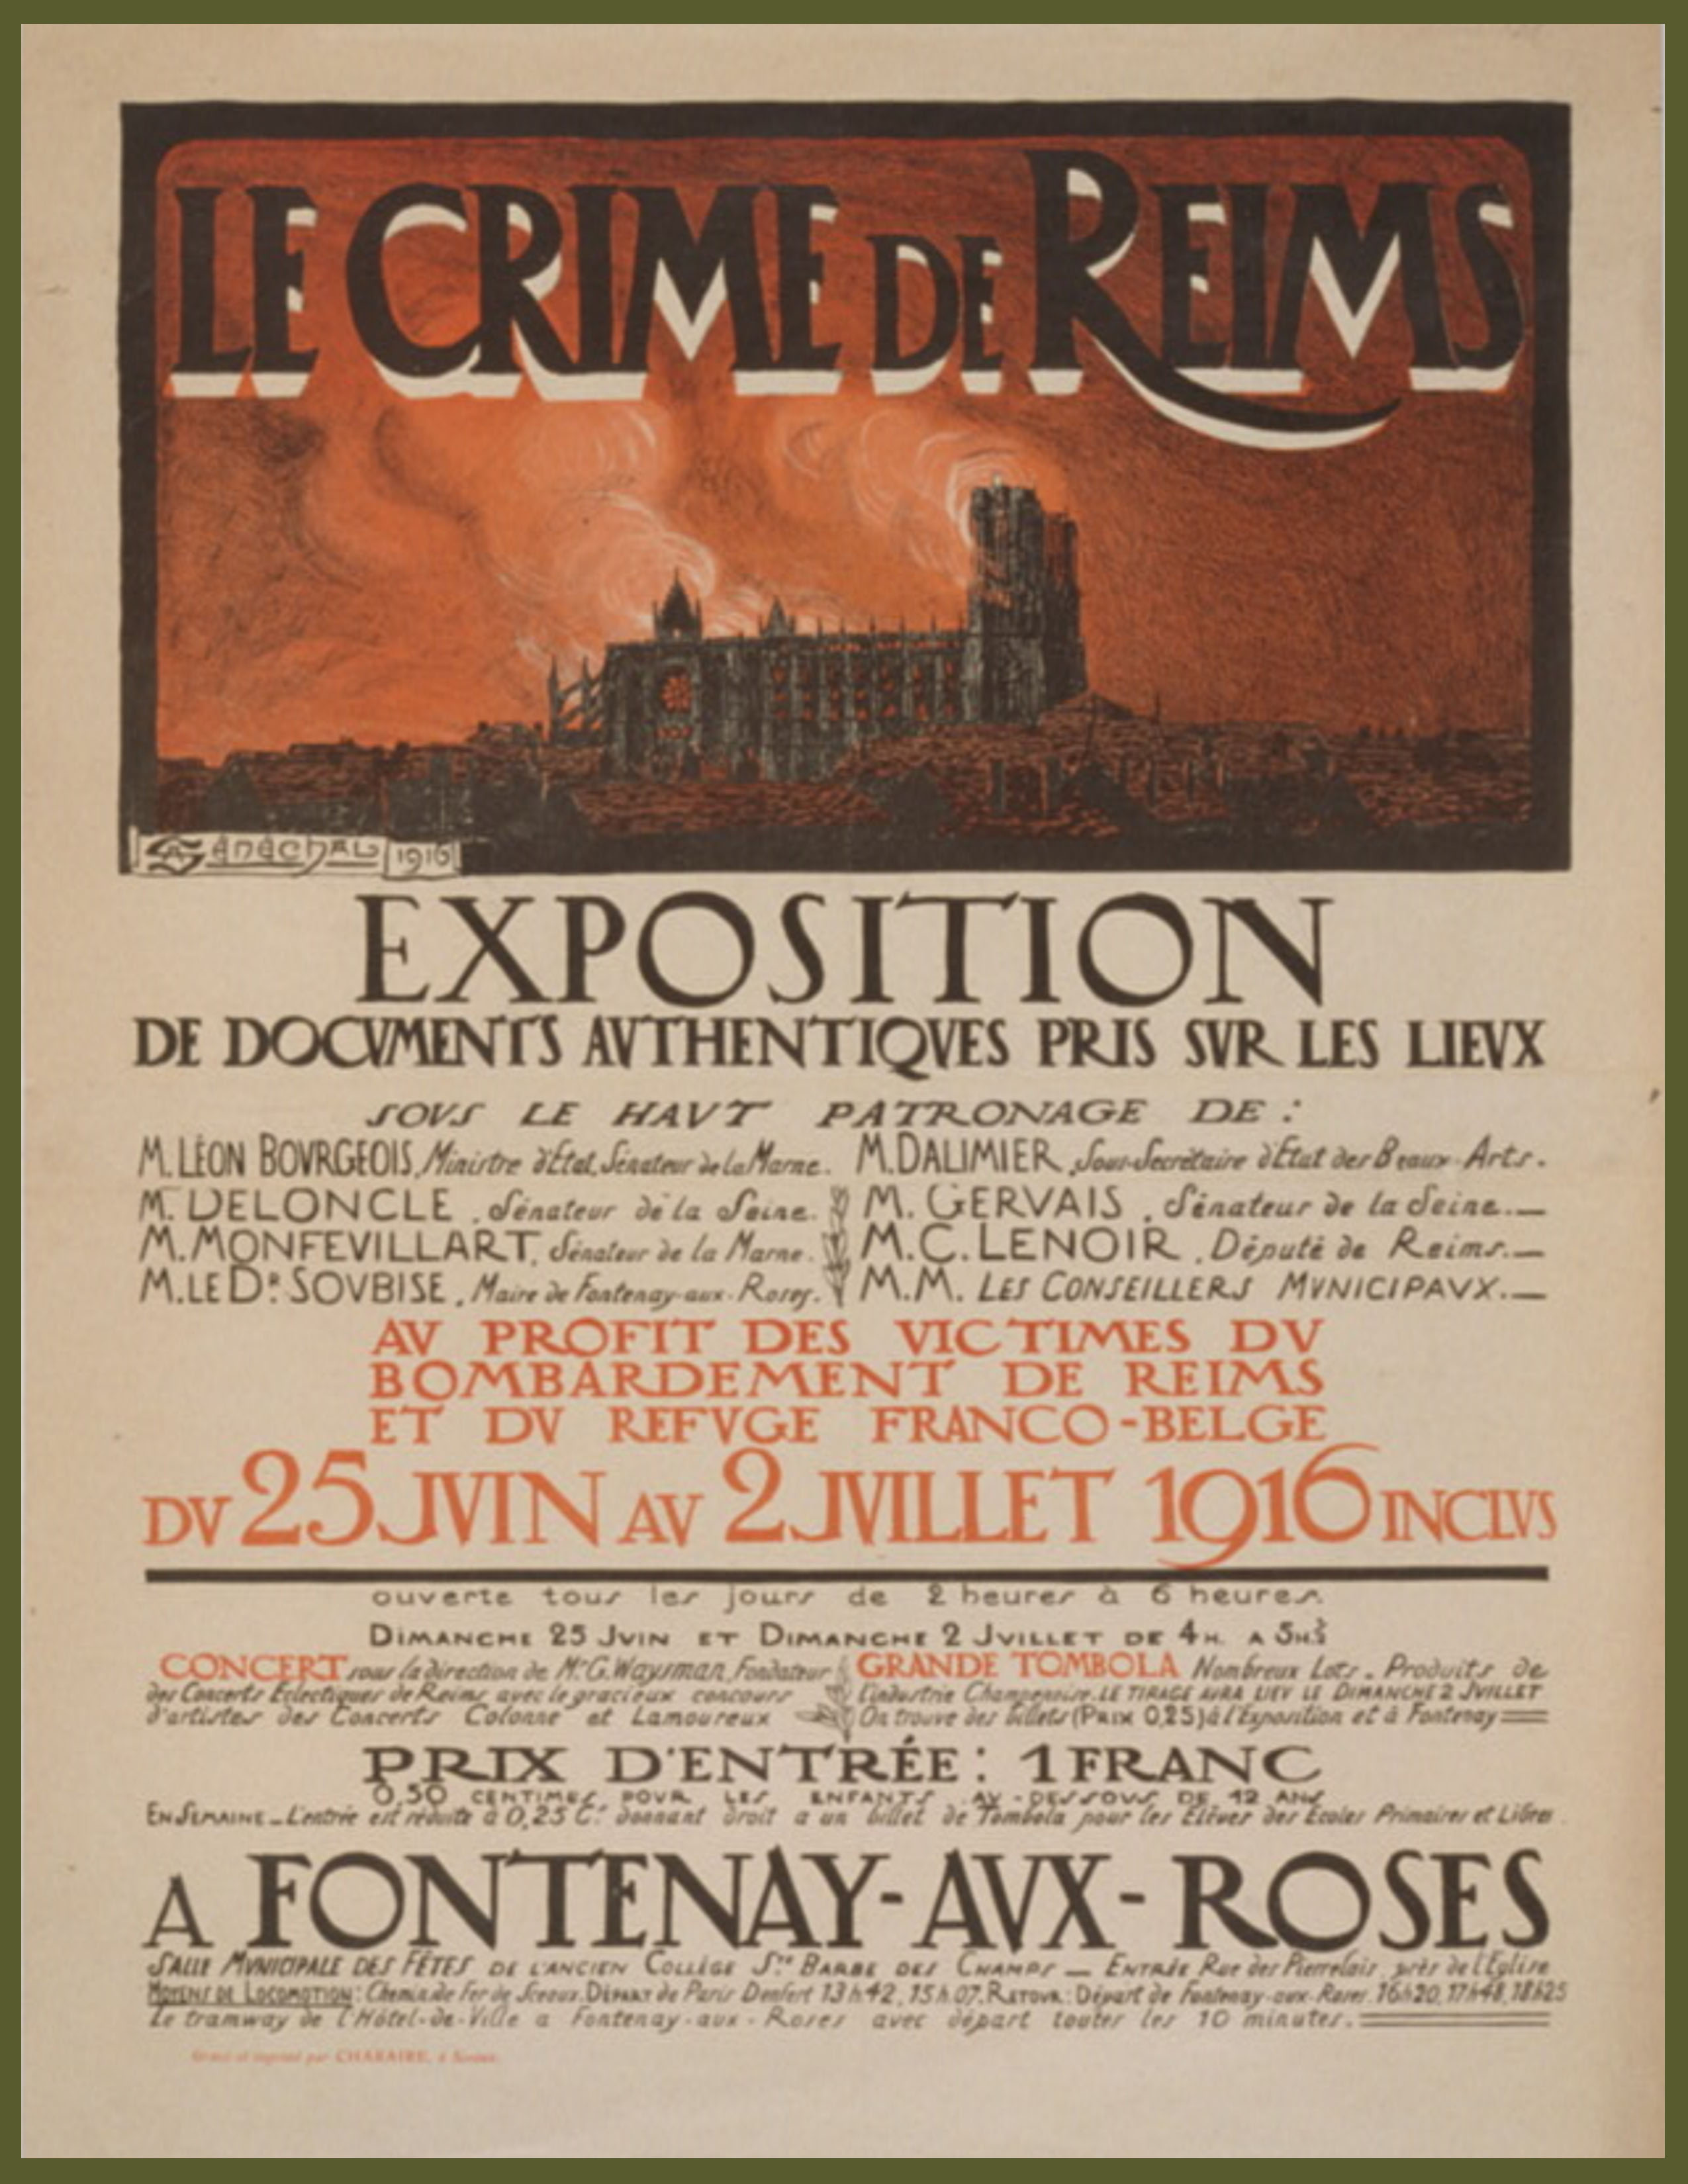 Poster le Crime de Reims